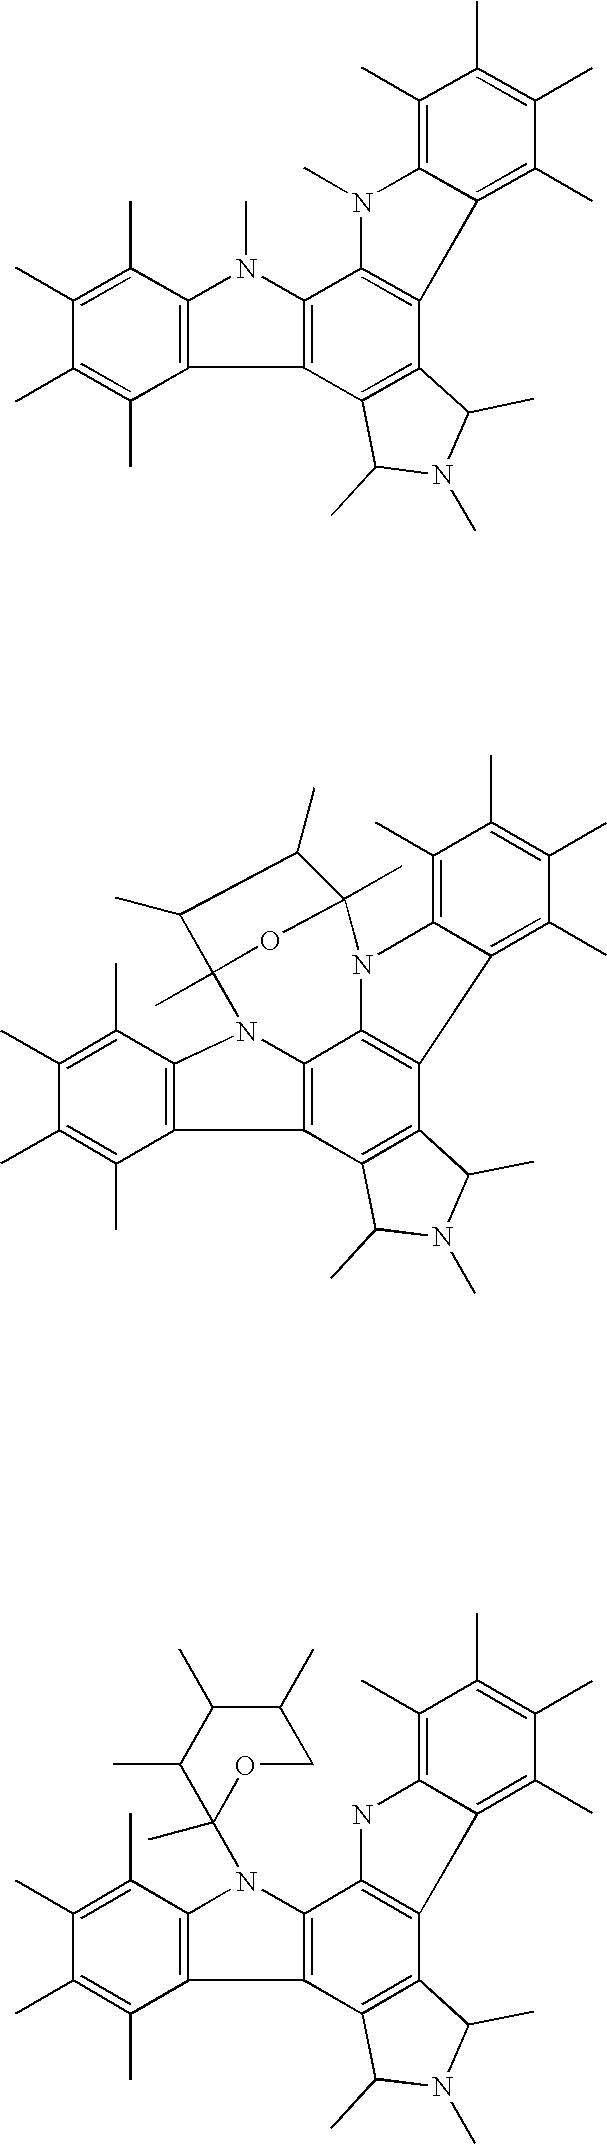 Figure US20090169641A1-20090702-C00006